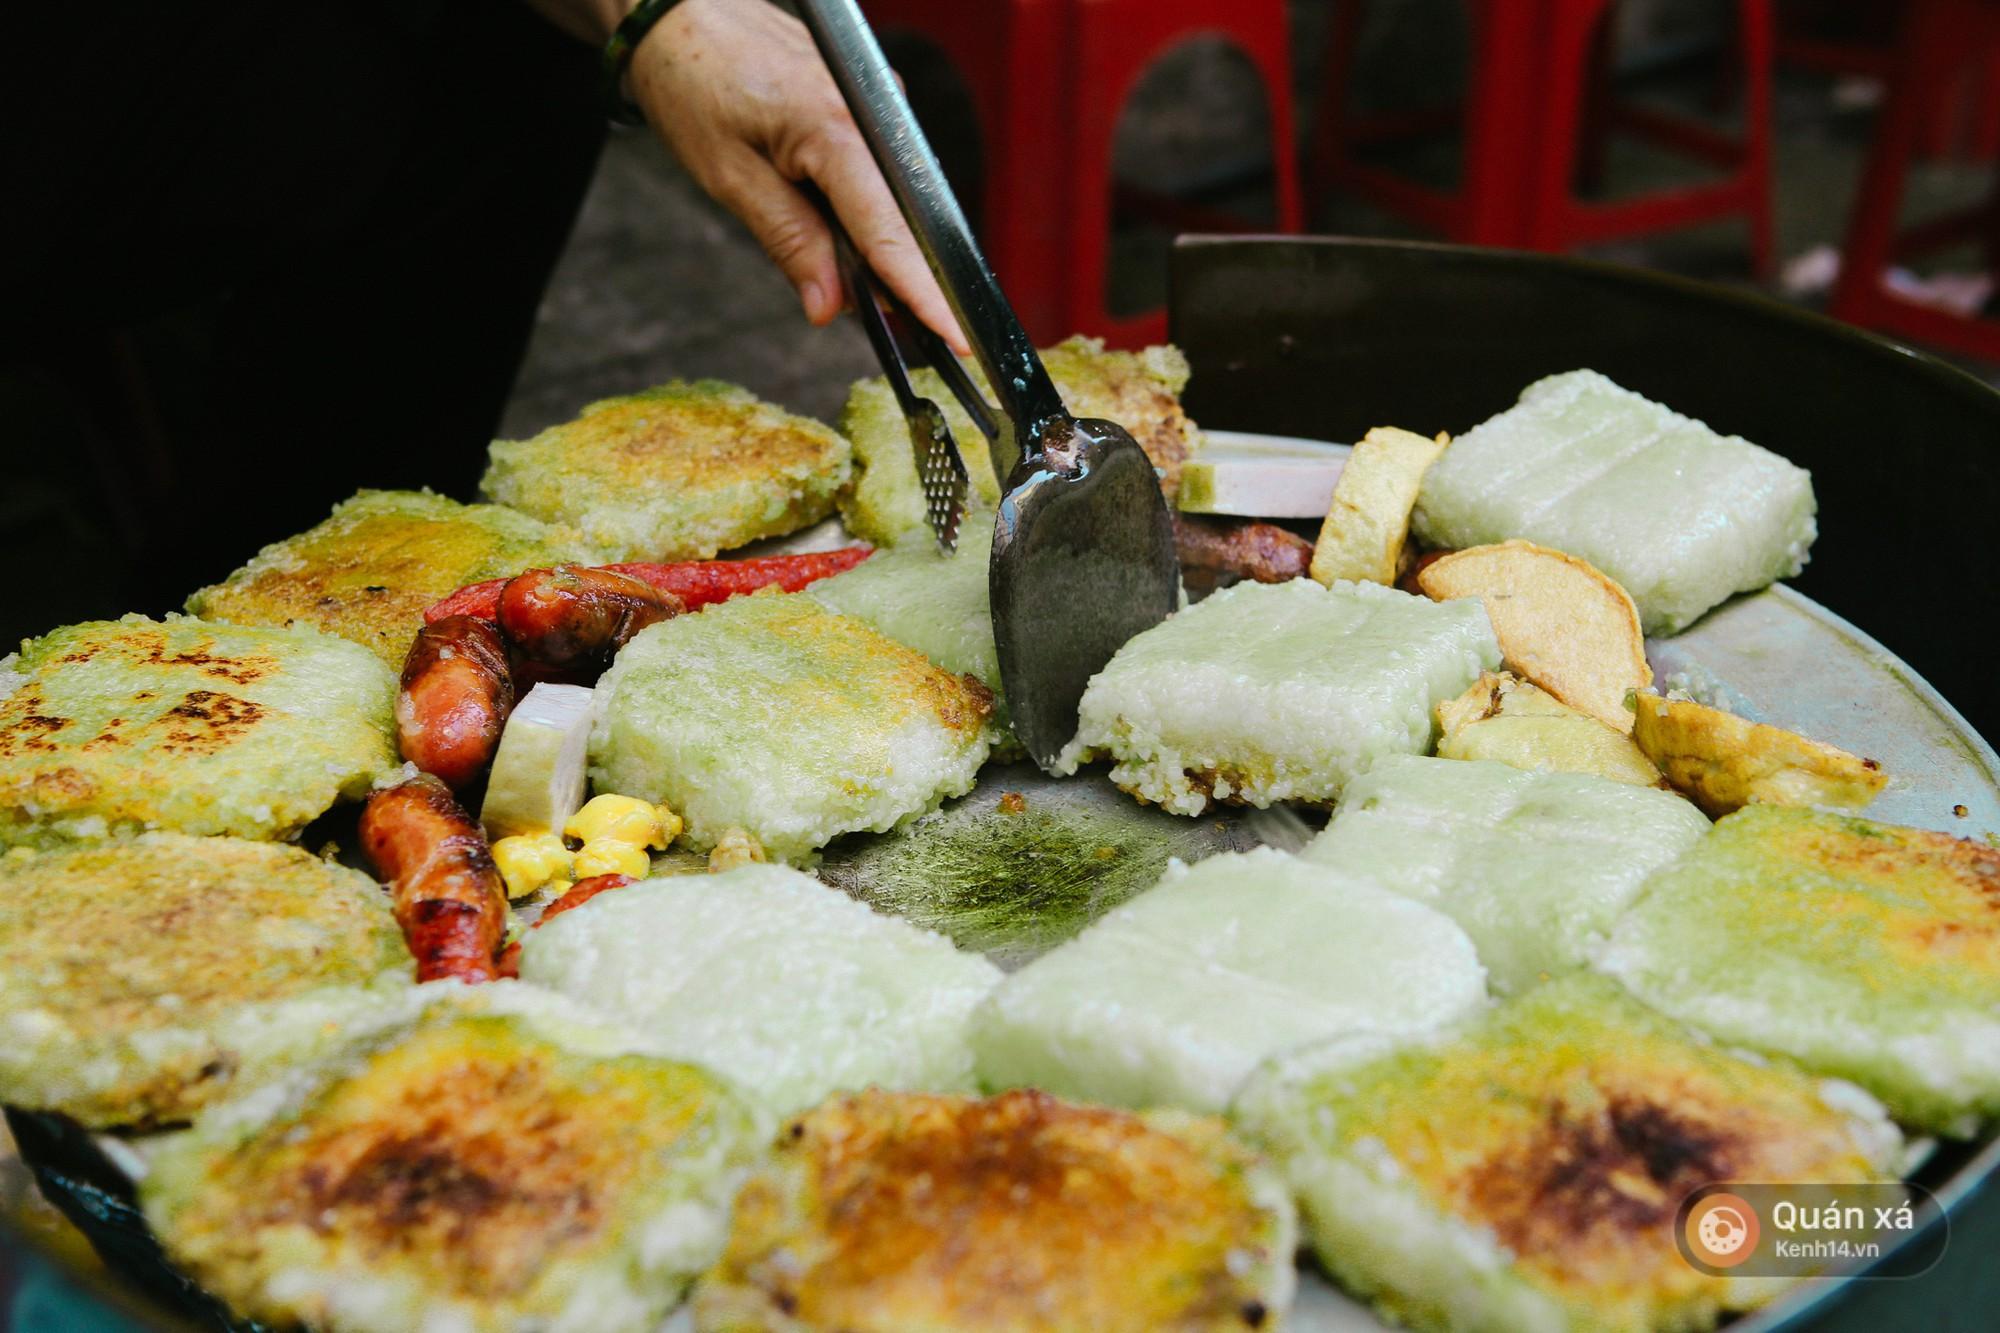 Đâu chỉ là món ăn trong bữa cơm gia đình, chả cốm giờ còn là loại topping xịn sò ăn kèm với loạt món khác ở Hà Nội - Ảnh 6.